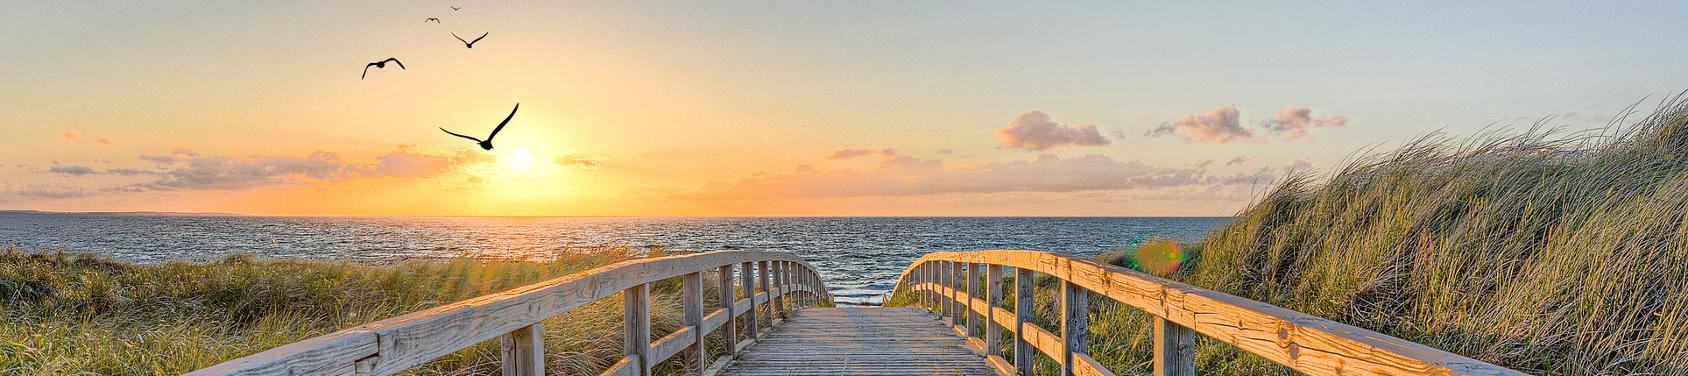 Bild von Strandurlaub